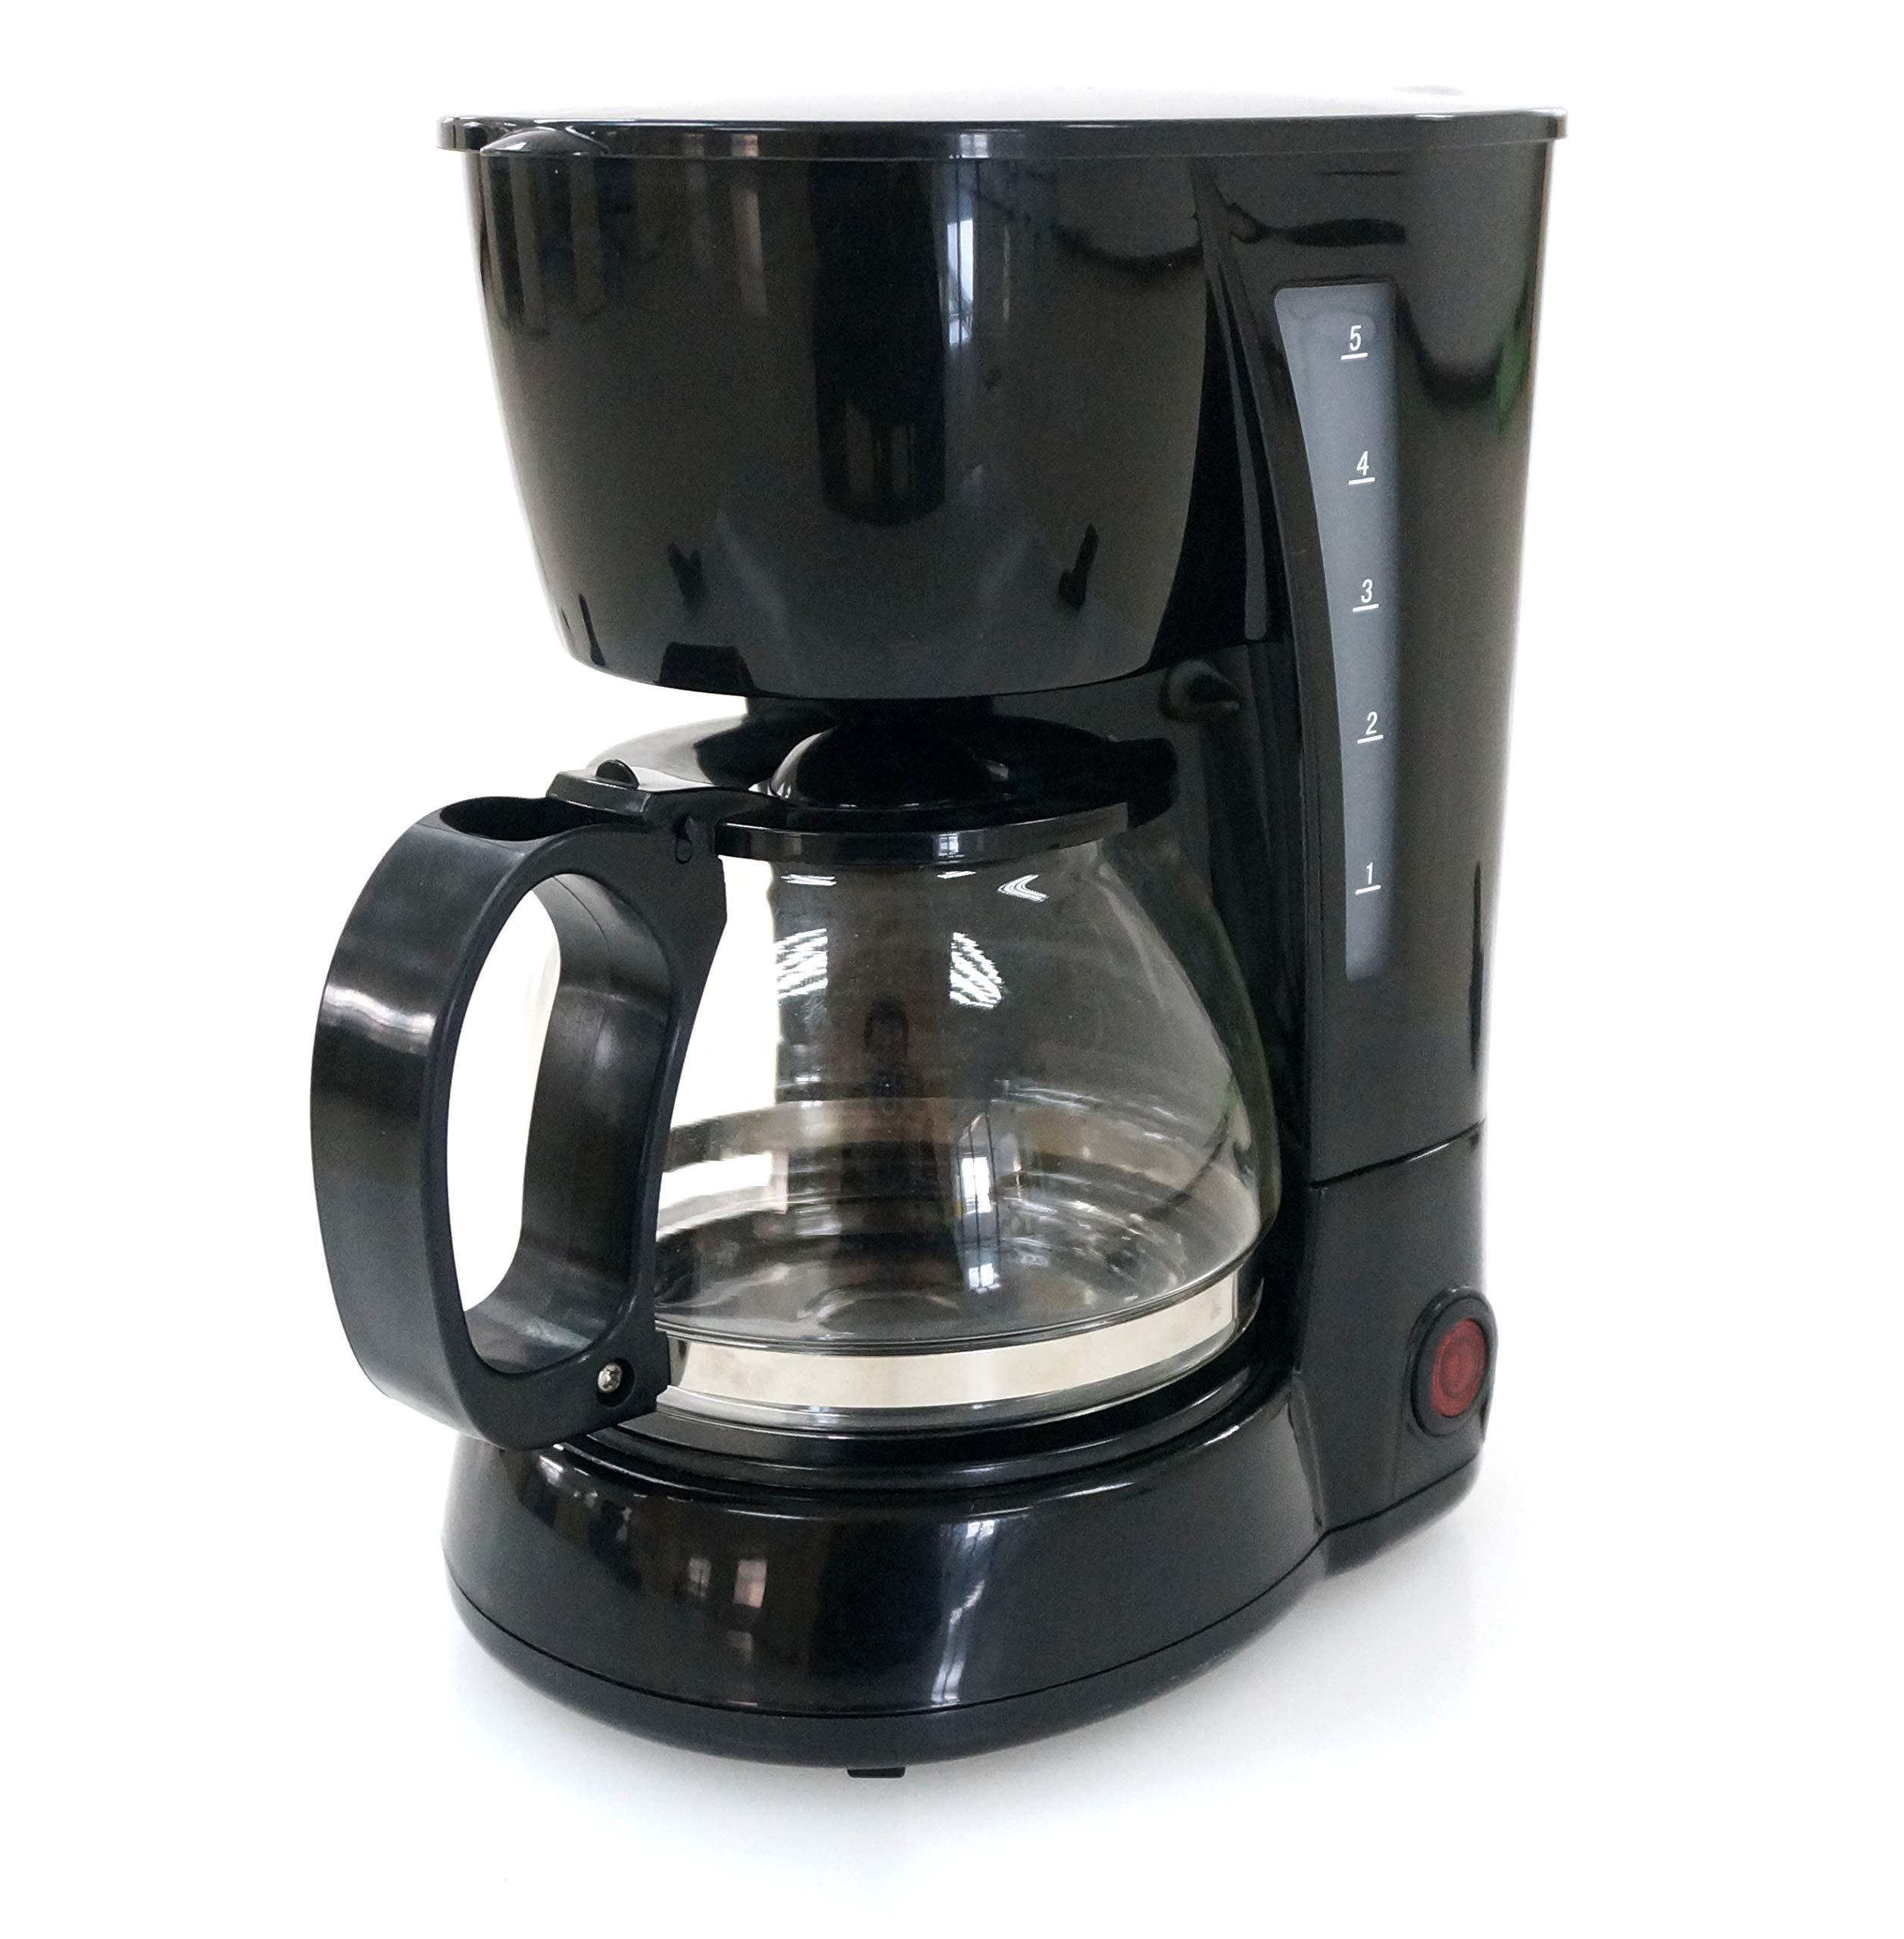 Family Care Cafetera de Goteo, cafetera eléctrica, Jarra 0.6 litros para 4 Tazas, Acero inoxidable y plástico, color Negro, 650 W: Amazon.es: Hogar